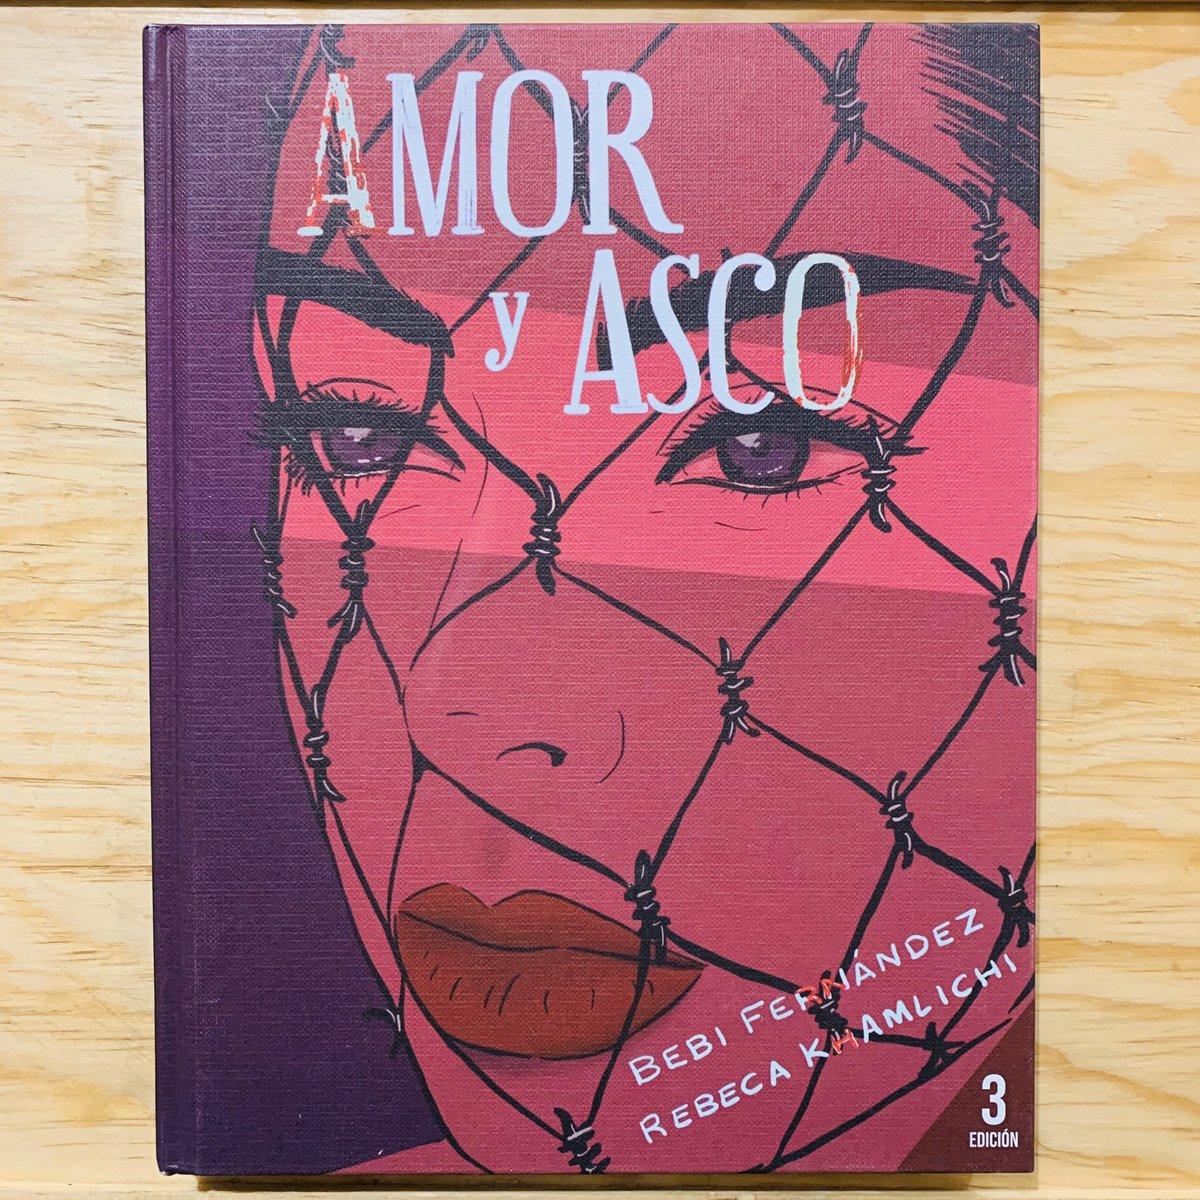 MÉXICO 🇲🇽   Amor y asco | @bebi_fernandez  $550 pesos (Envío incluido)  Último ejemplar: https://t.co/UpBD8jXlKg  Maravillosa reedición ilustrada por @RebecaKhamlichi para el poemario de Bebi Fernández. https://t.co/j9JMysb5SE